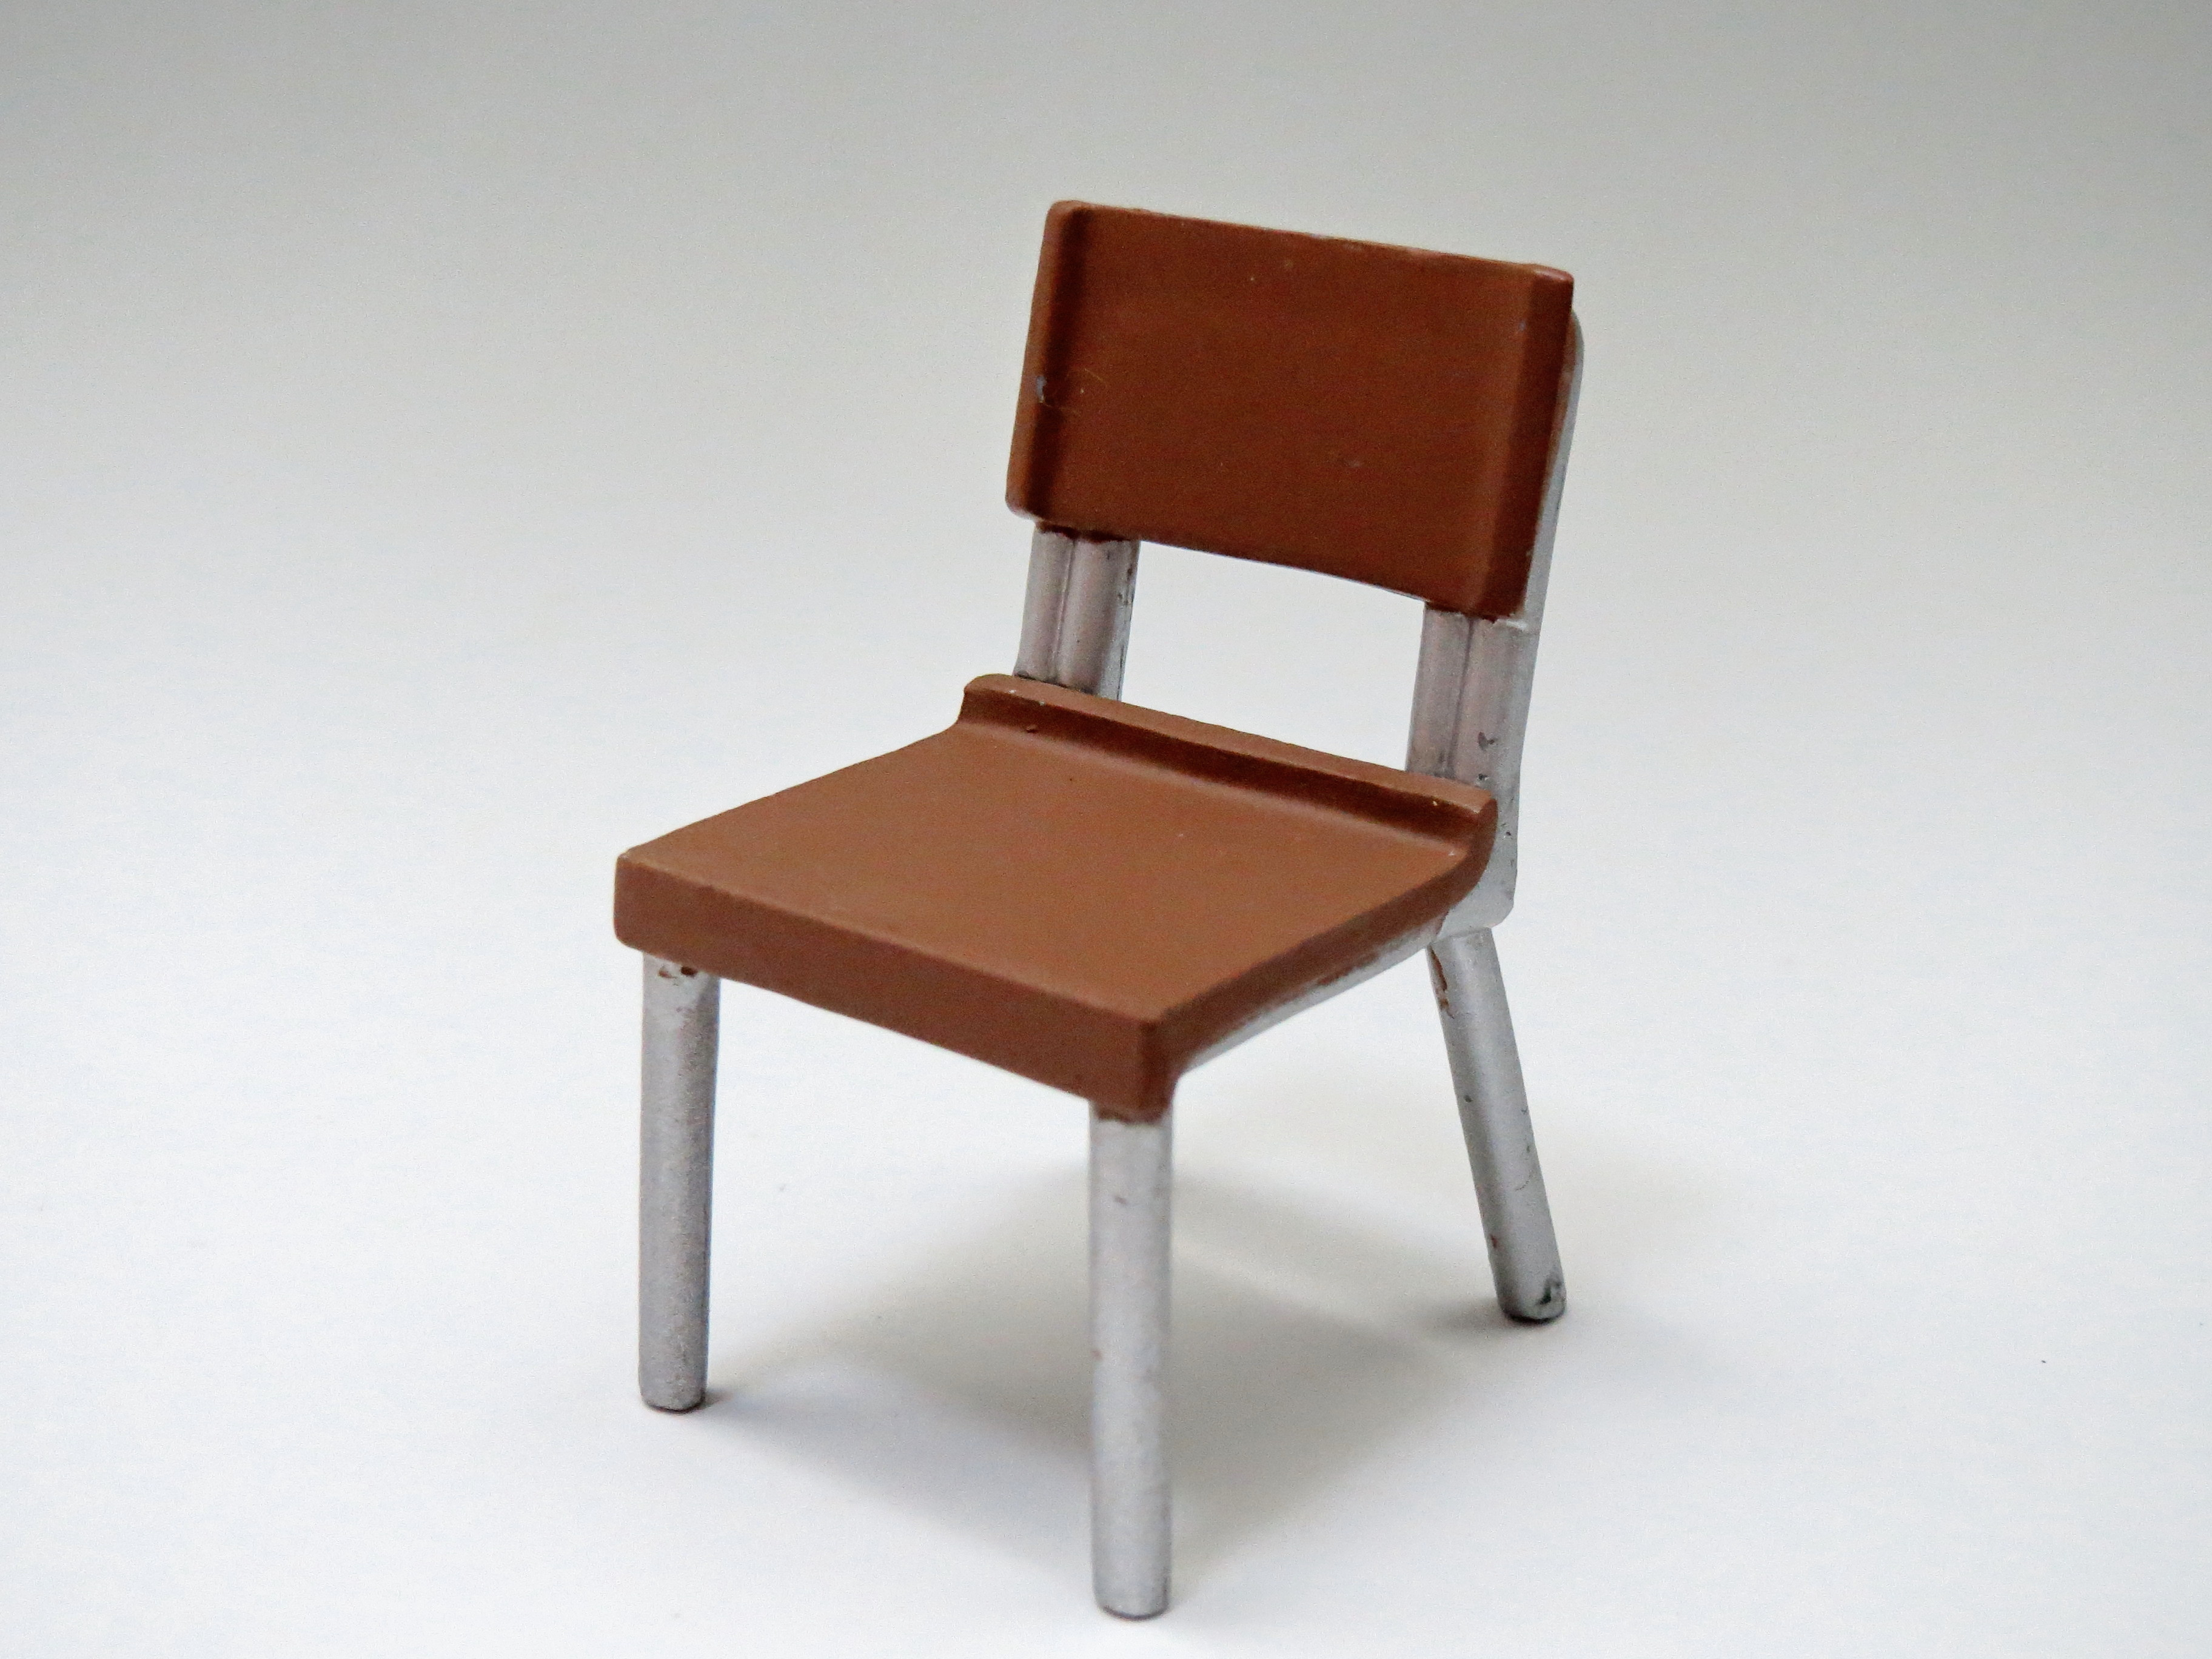 【027】 泉こなた 小物パーツ 椅子 ねんどろいど